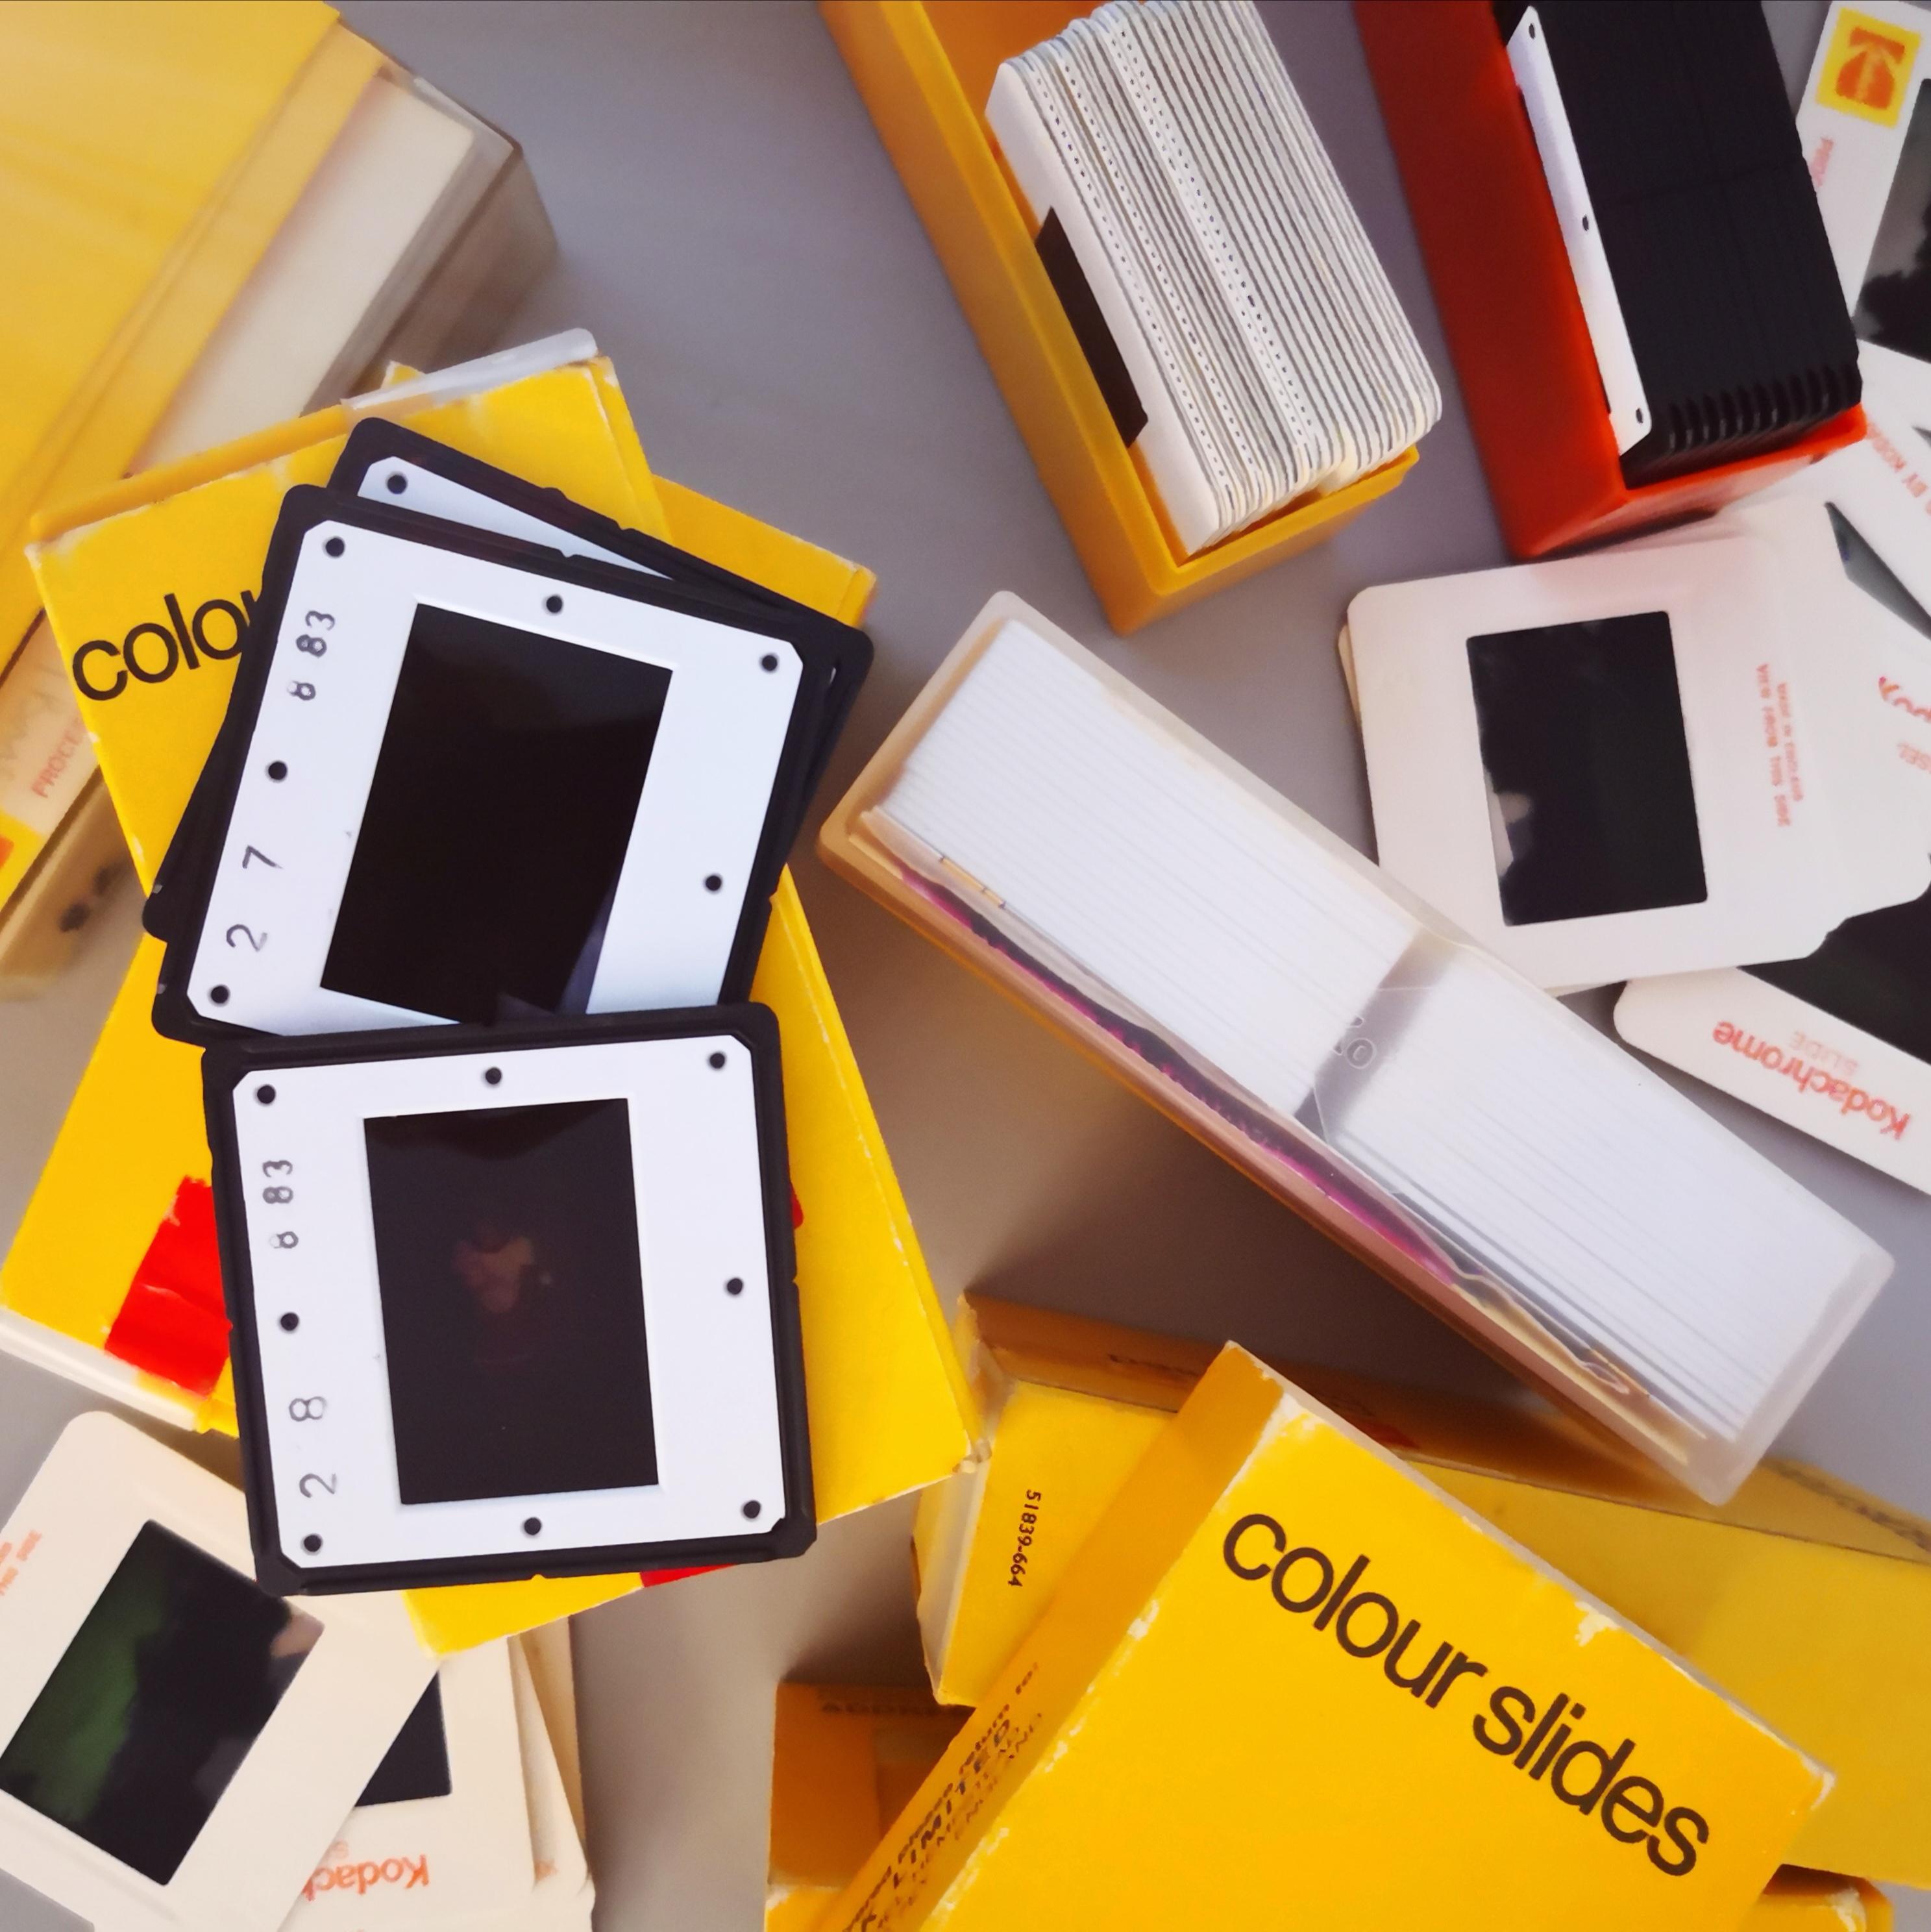 Image of some old 35mm slides, illustrating the slide scanning service on offer.